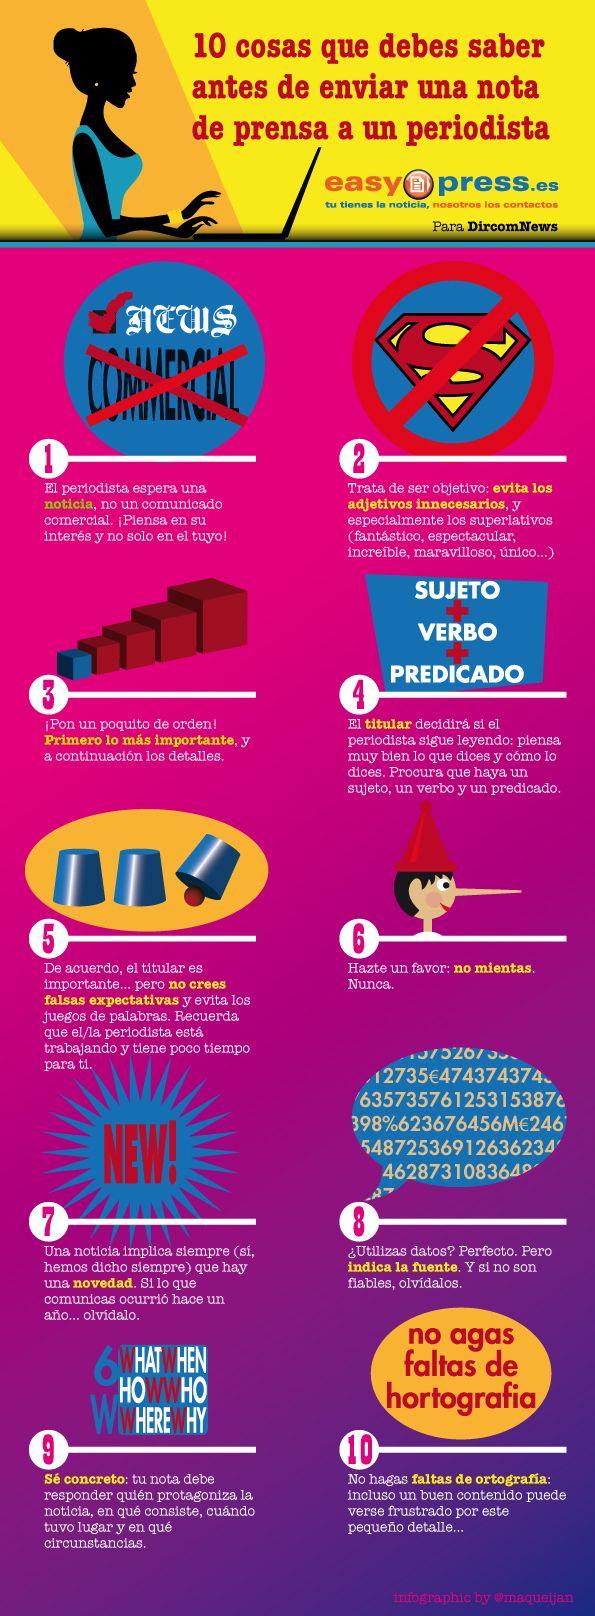 10 Consejos Antes De Enviar Una Nota De Prensa Infografia Infographic Marketing Tics Y Formación Nota De Prensa Comunicacion Y Marketing Periodismo